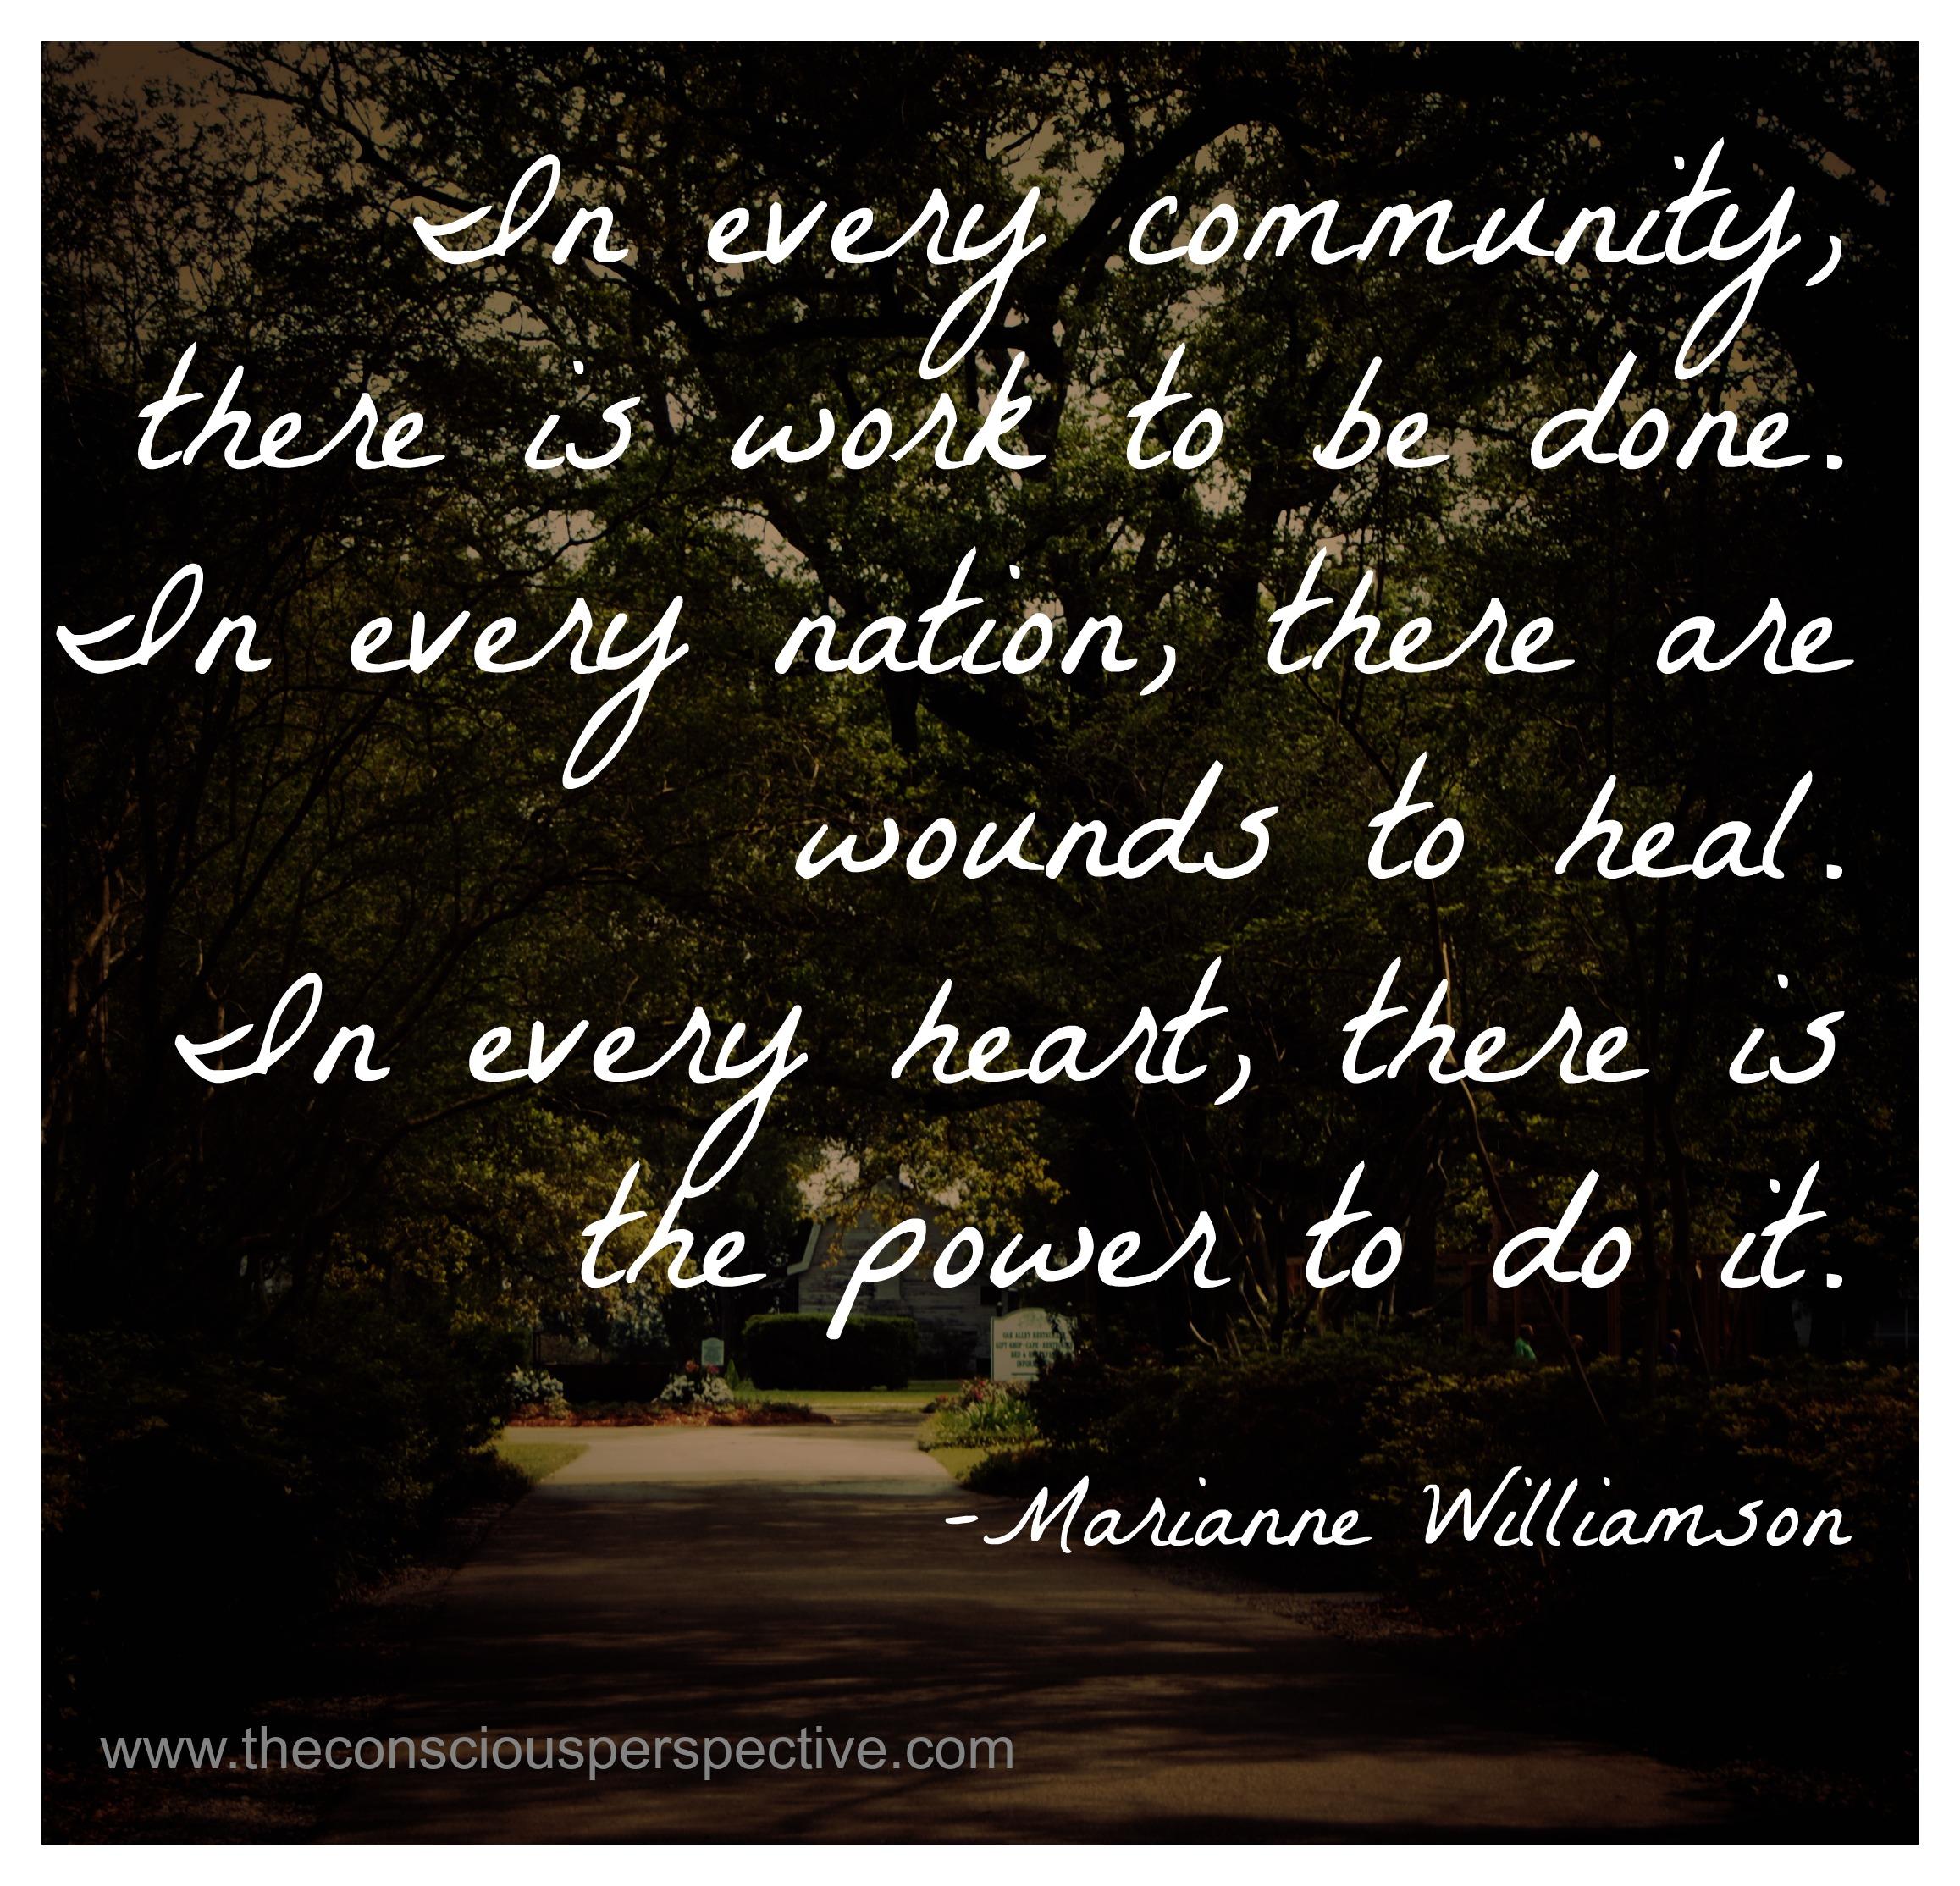 Marianne Williamson's quote #8